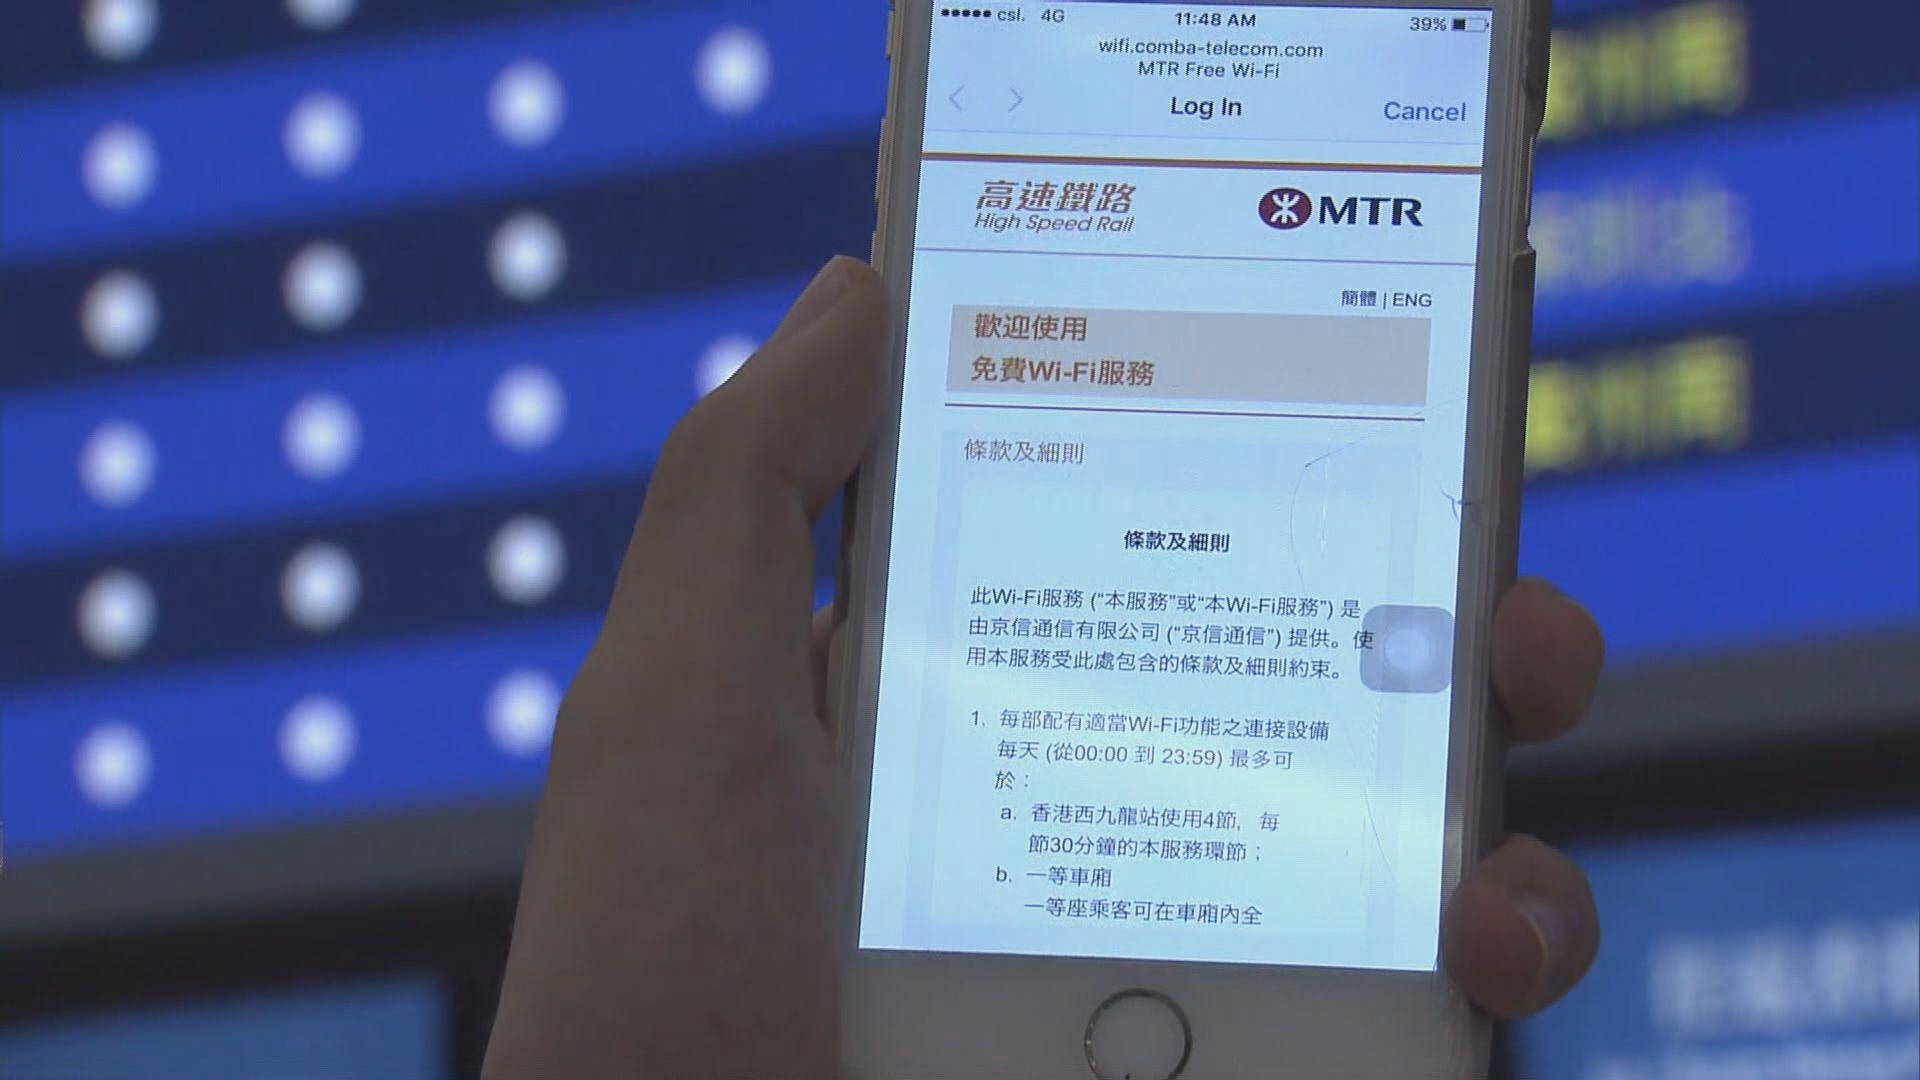 西九站WiFi供應商轉移用戶資料予內地